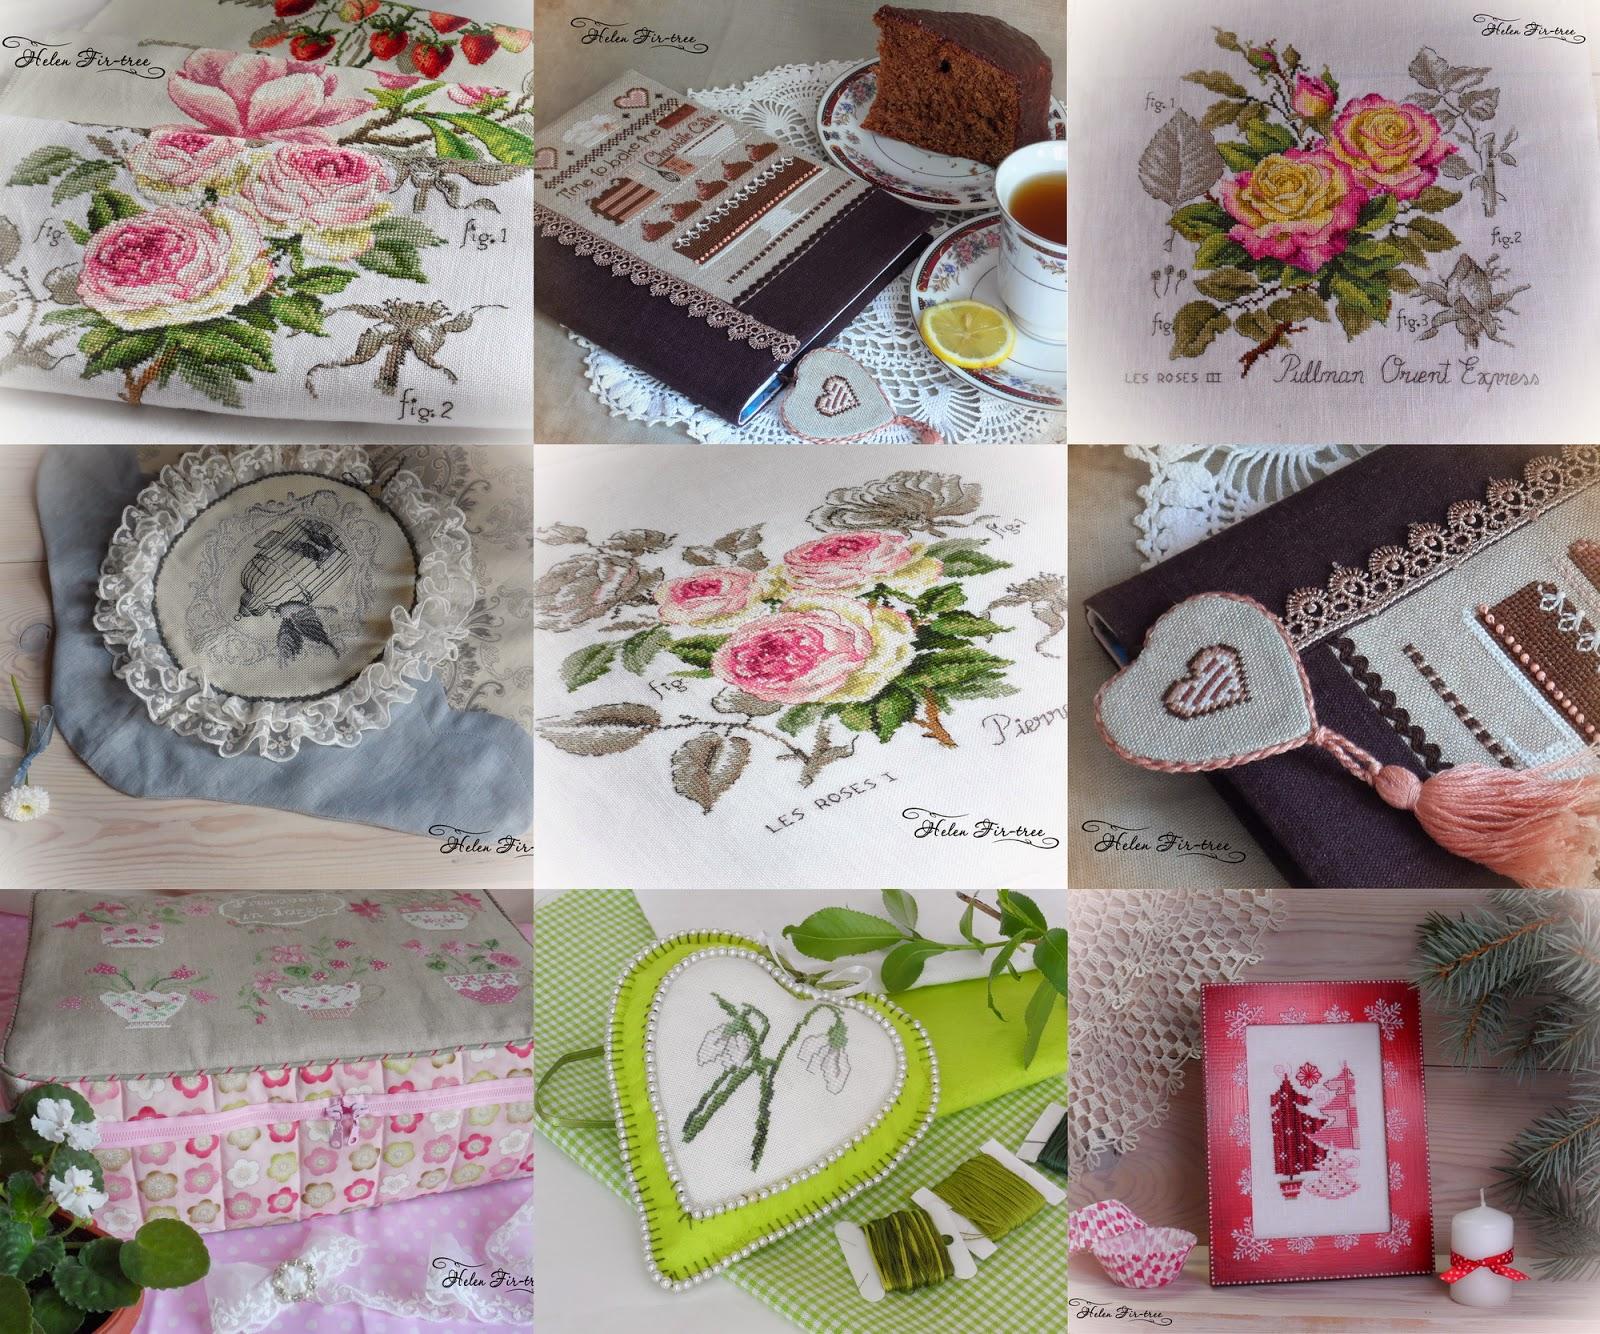 Helen Fir-tree рукодельные итоги 2014 года handmade results of 2014